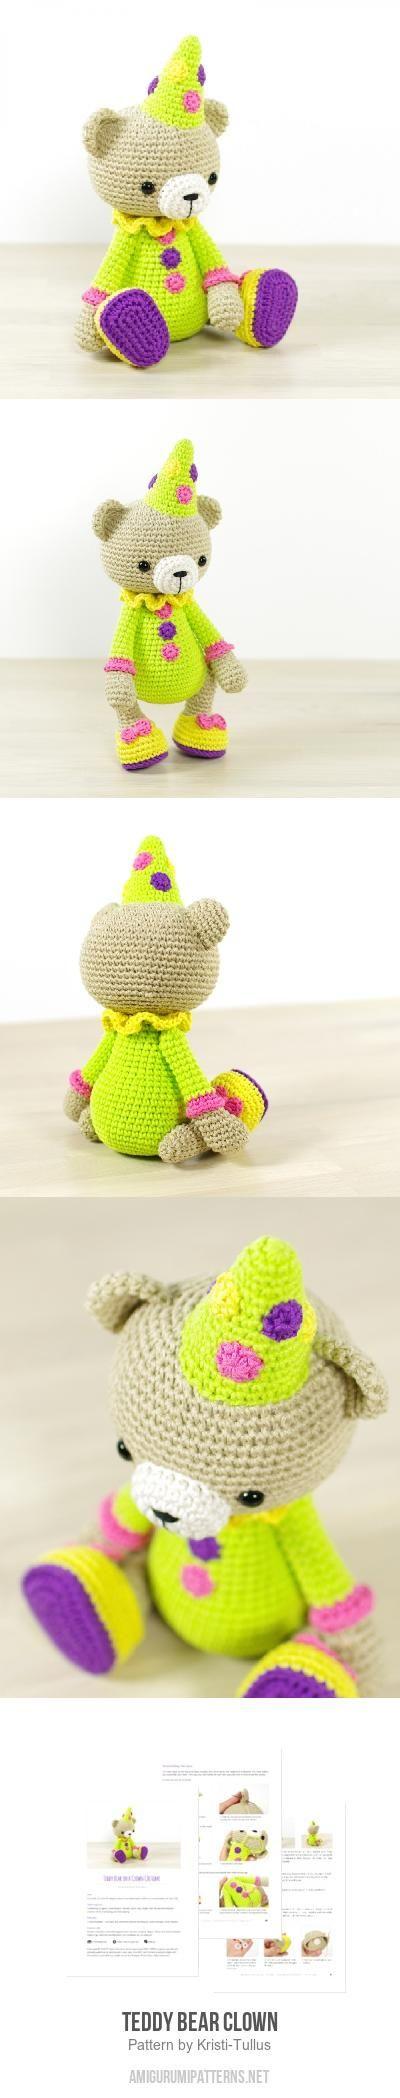 Teddy Bear Clown amigurumi pattern by Kristi Tullus | Häkeltiere ...